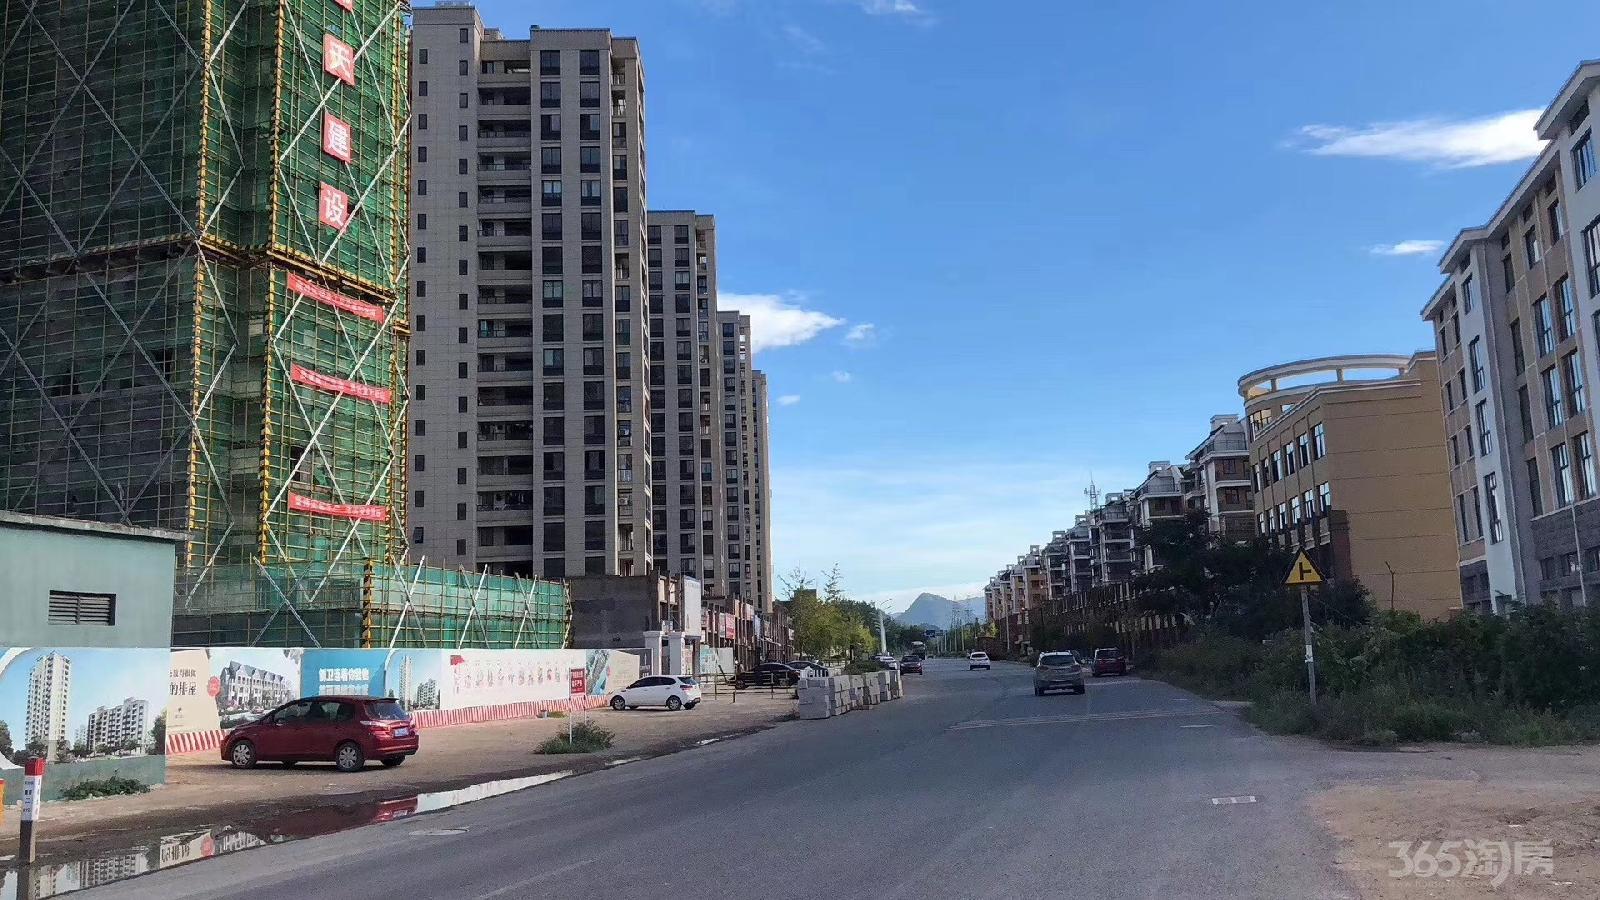 杭州-建德仅20分钟高铁房无条件落户天骄香槟郡首付12万买房